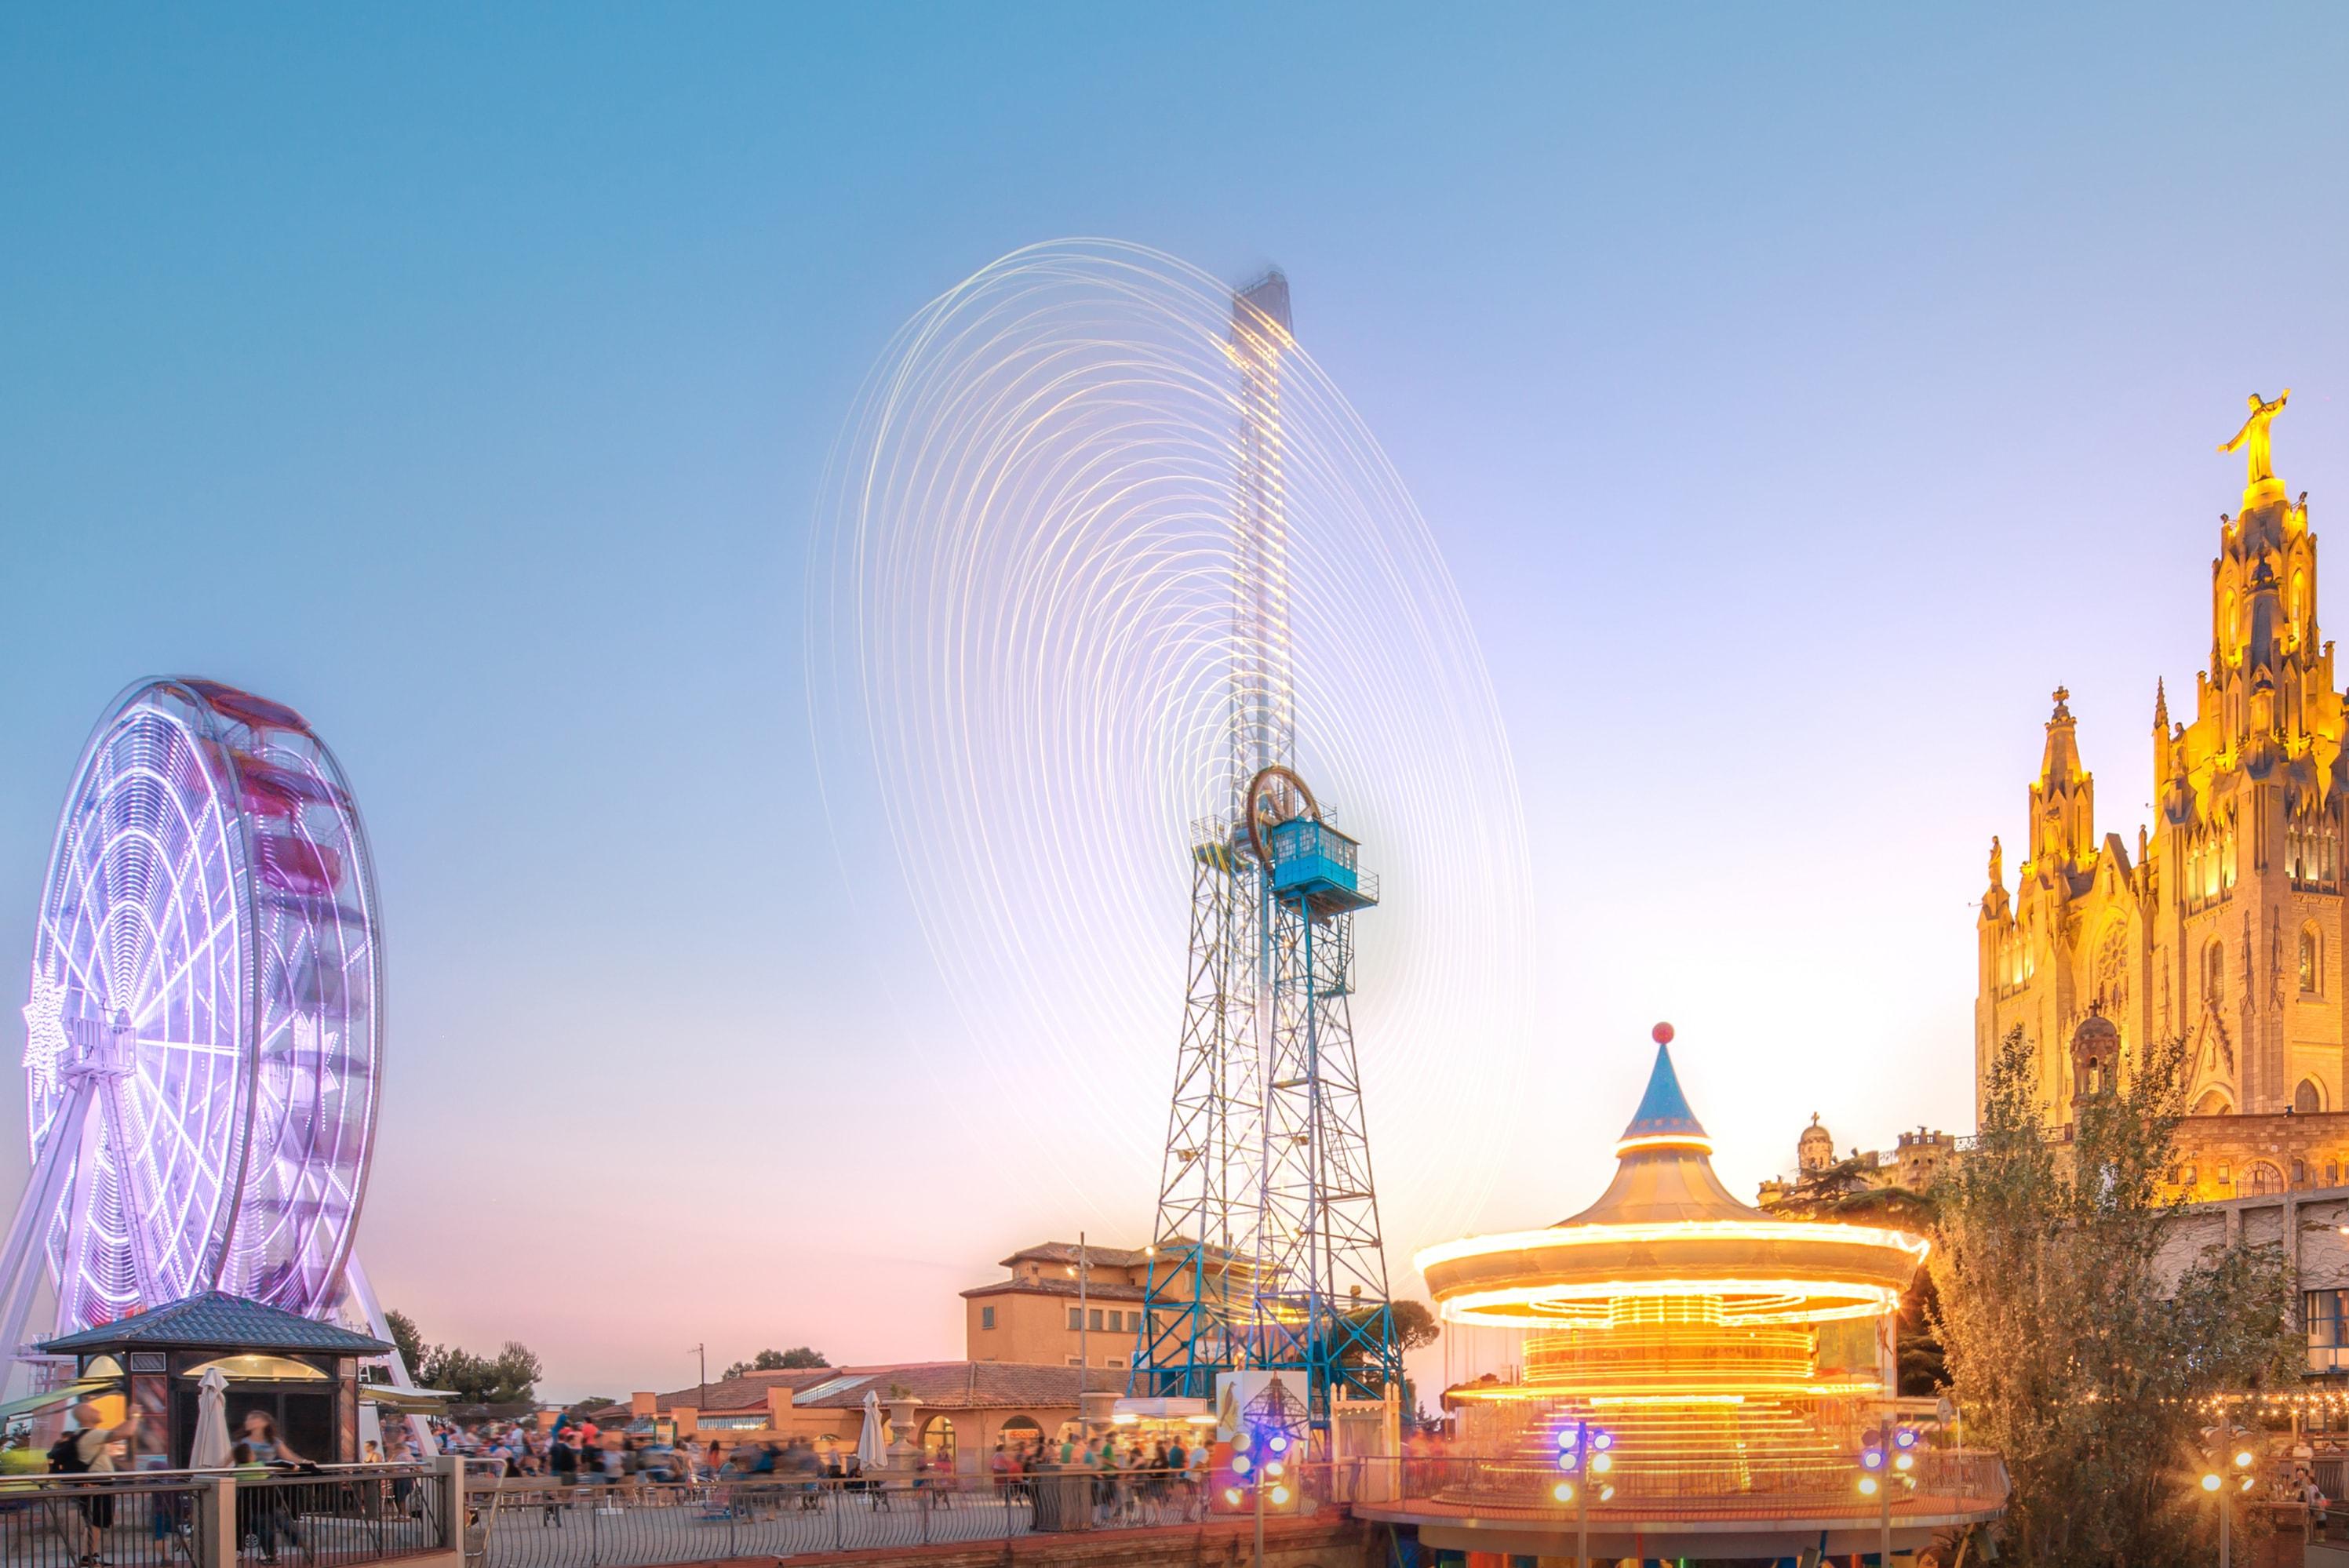 Parc d'attraction Tibiado - Choses à faire à Barcelone